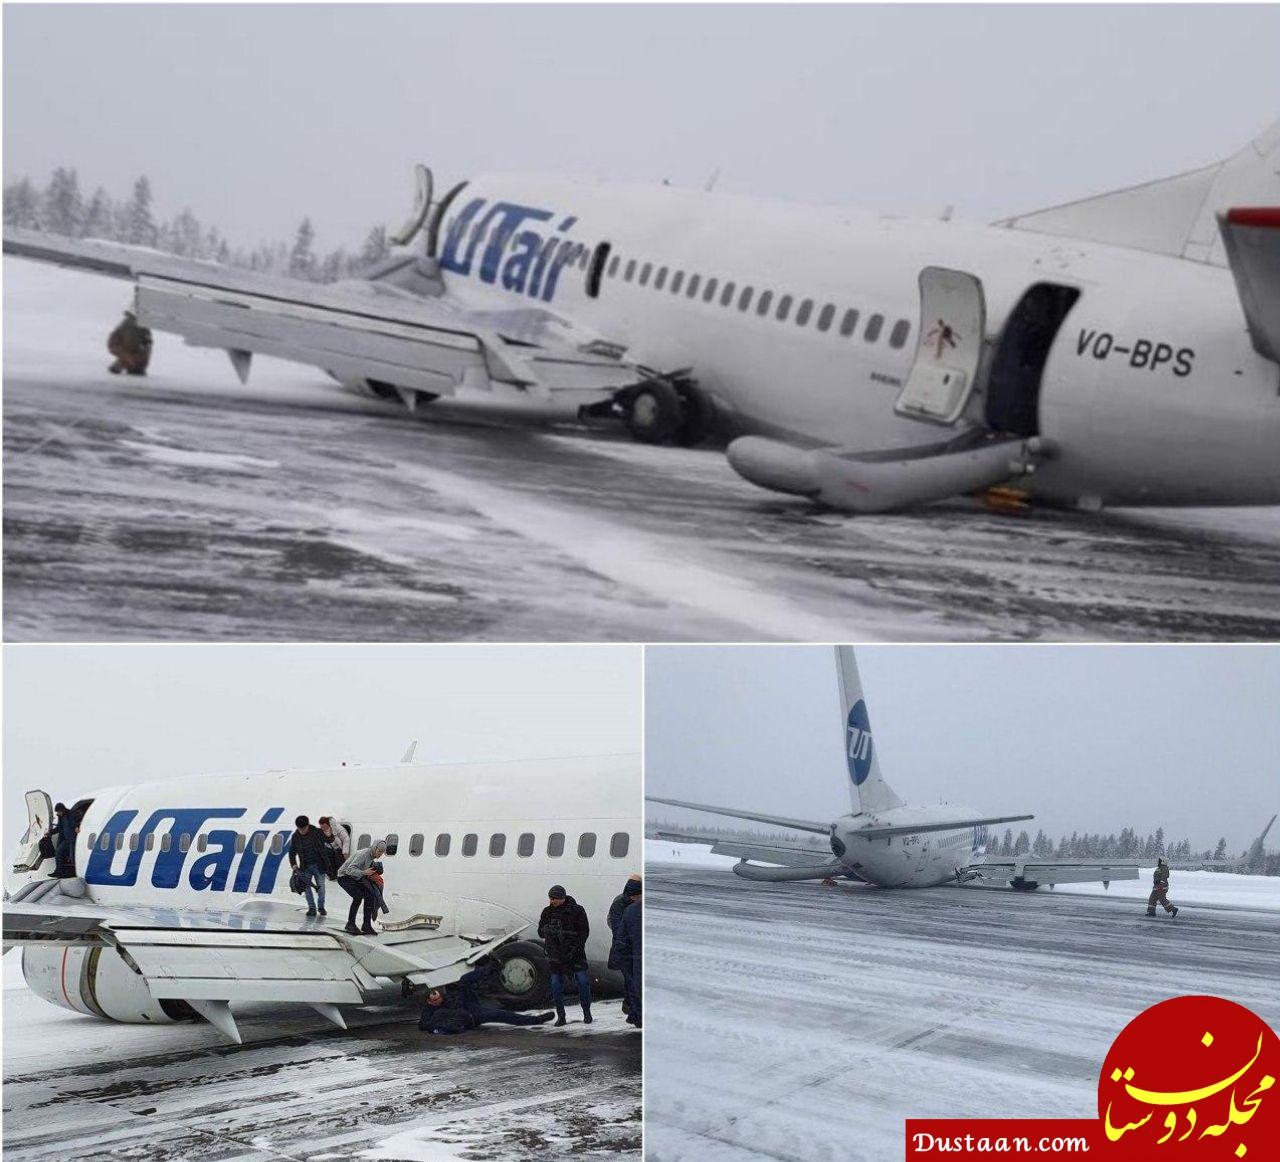 فرود سخت و پراسترس هواپیمای بوئینگ 737 در فرودگاه اوسینسک روسیه